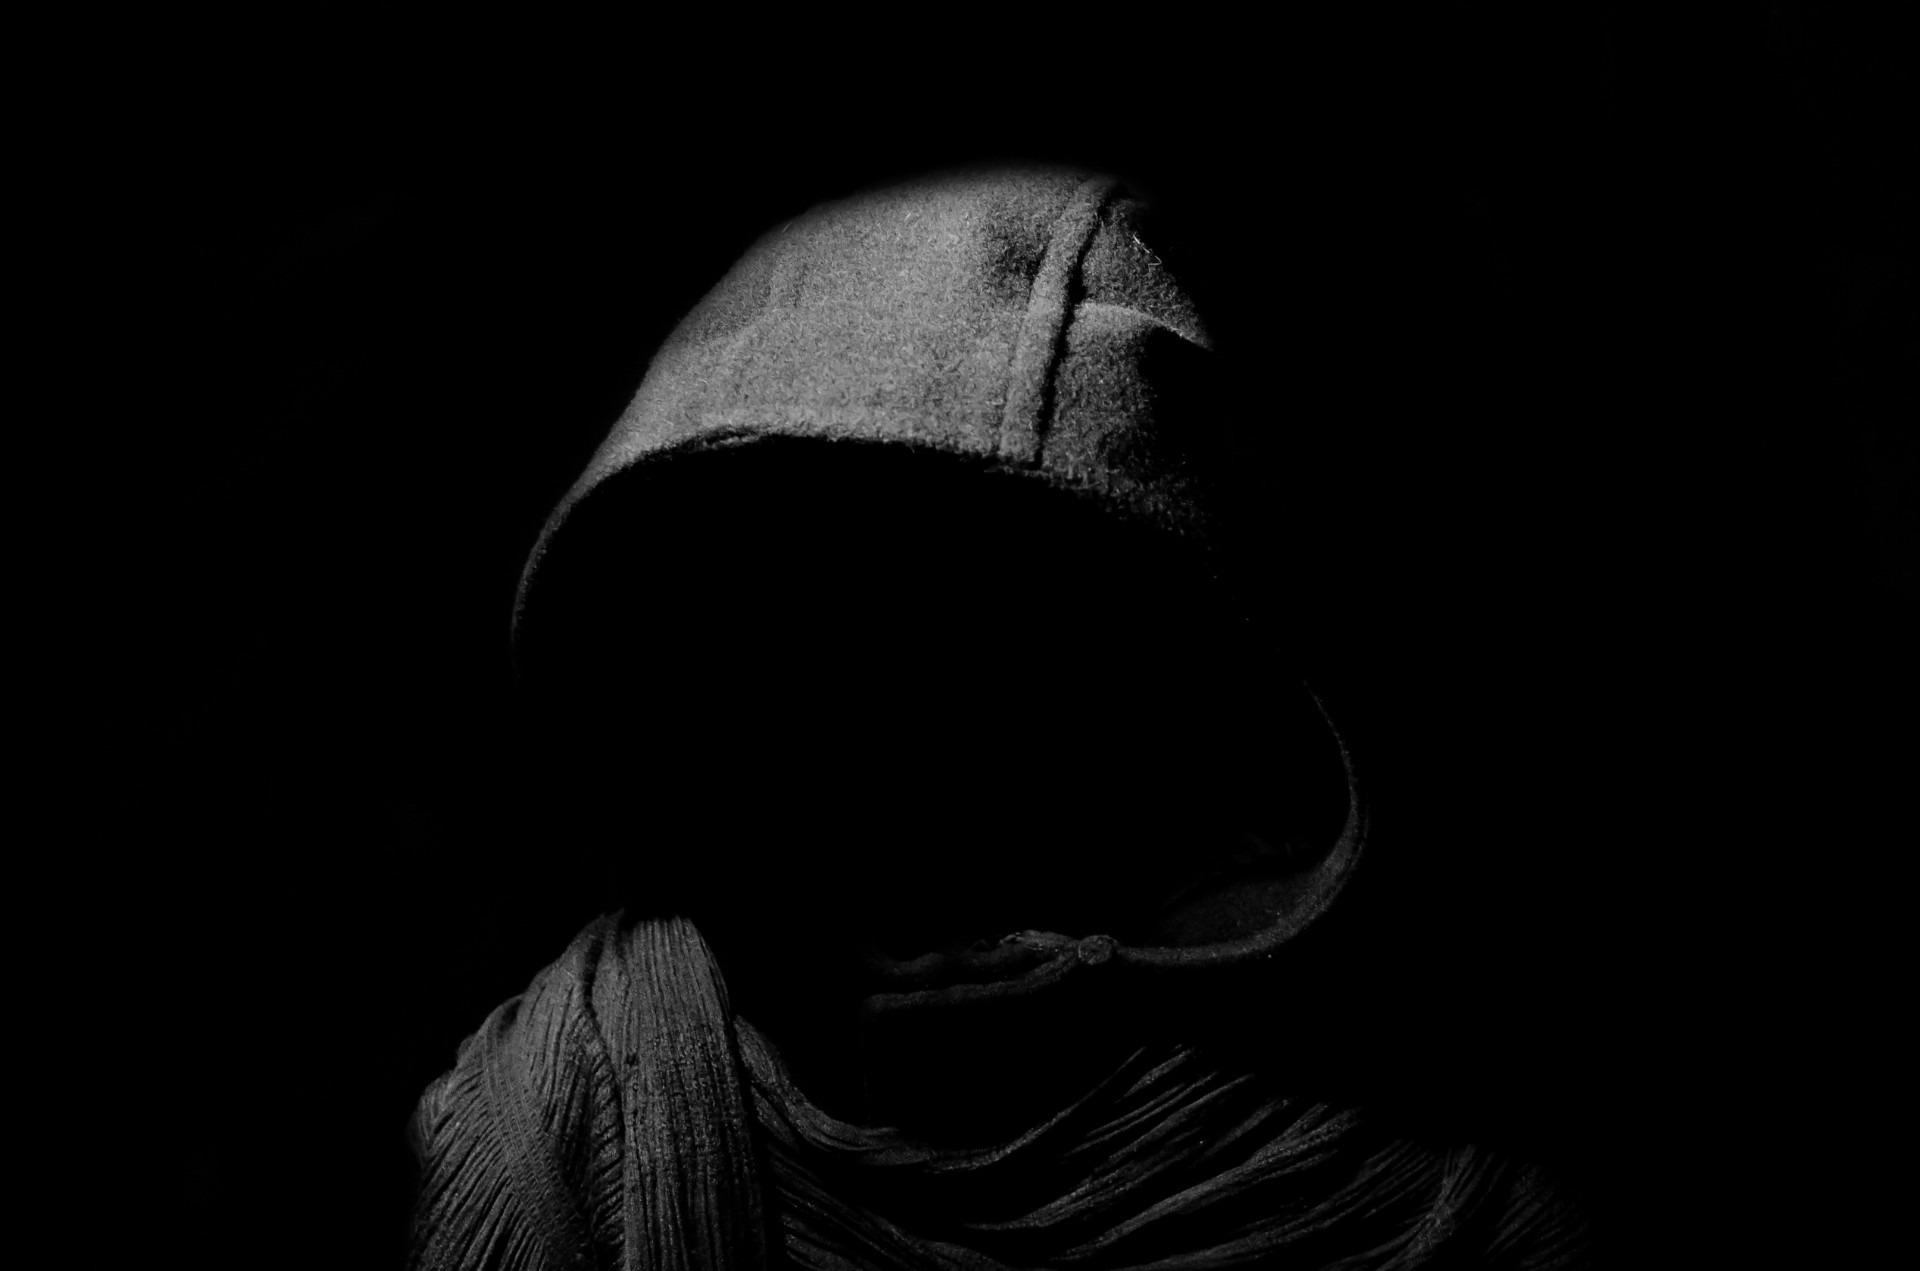 疑心暗鬼の意味とは?類語や使い方(例文)・語源(由来)をわかりやすく紹介!